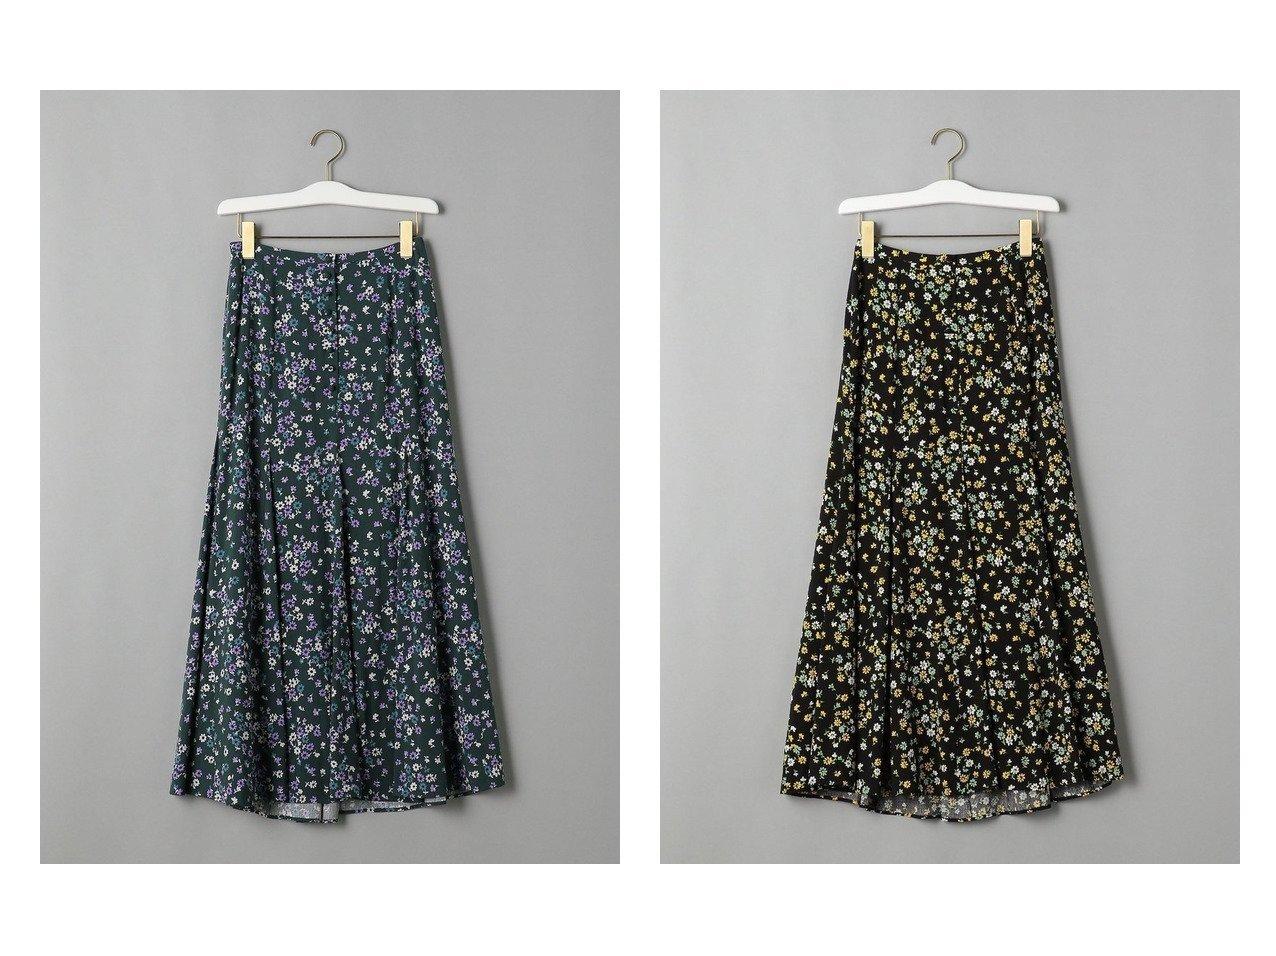 【BEAUTY&YOUTH UNITED ARROWS/ビューティアンド ユースユナイテッドアローズ】のBY フラワープリントフレアマキシスカート スカートのおすすめ!人気、トレンド・レディースファッションの通販 おすすめで人気の流行・トレンド、ファッションの通販商品 メンズファッション・キッズファッション・インテリア・家具・レディースファッション・服の通販 founy(ファニー) https://founy.com/ ファッション Fashion レディースファッション WOMEN スカート Skirt ロングスカート Long Skirt NEW・新作・新着・新入荷 New Arrivals シンプル タンク ドレープ フレア マキシ ロング 春 Spring |ID:crp329100000014668